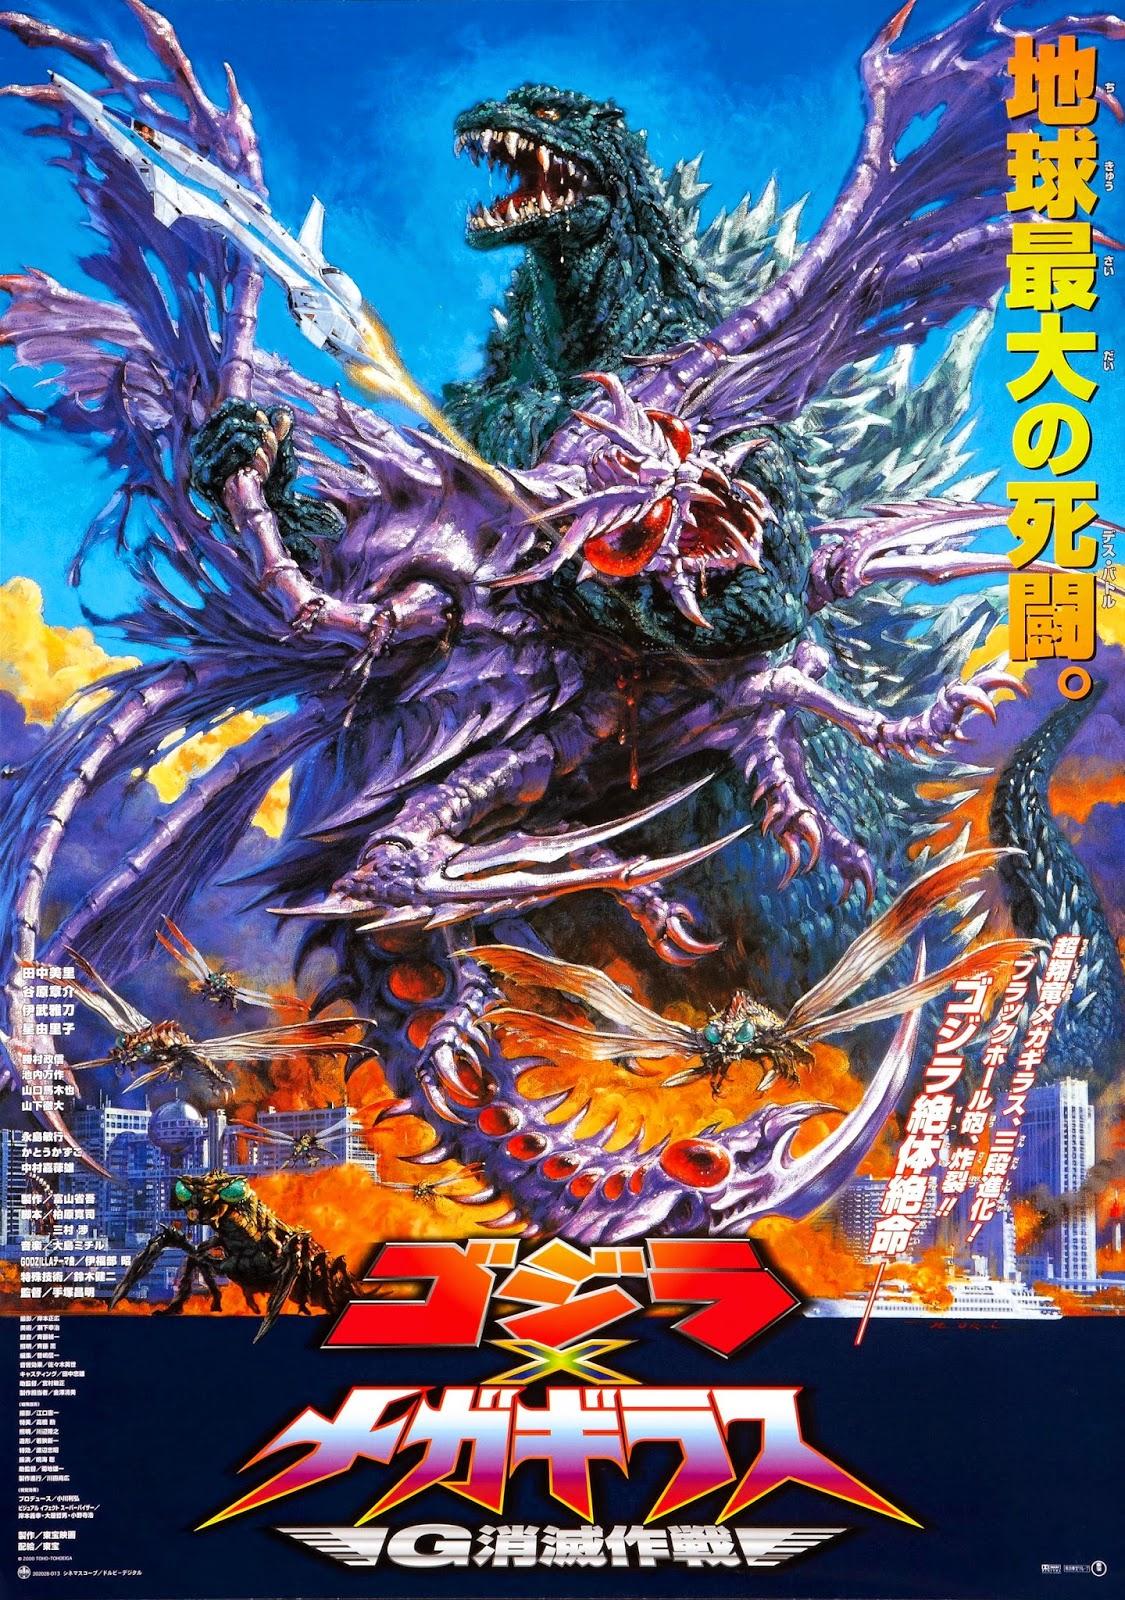 http://fr.wikipedia.org/wiki/Godzilla_X_Megaguirus